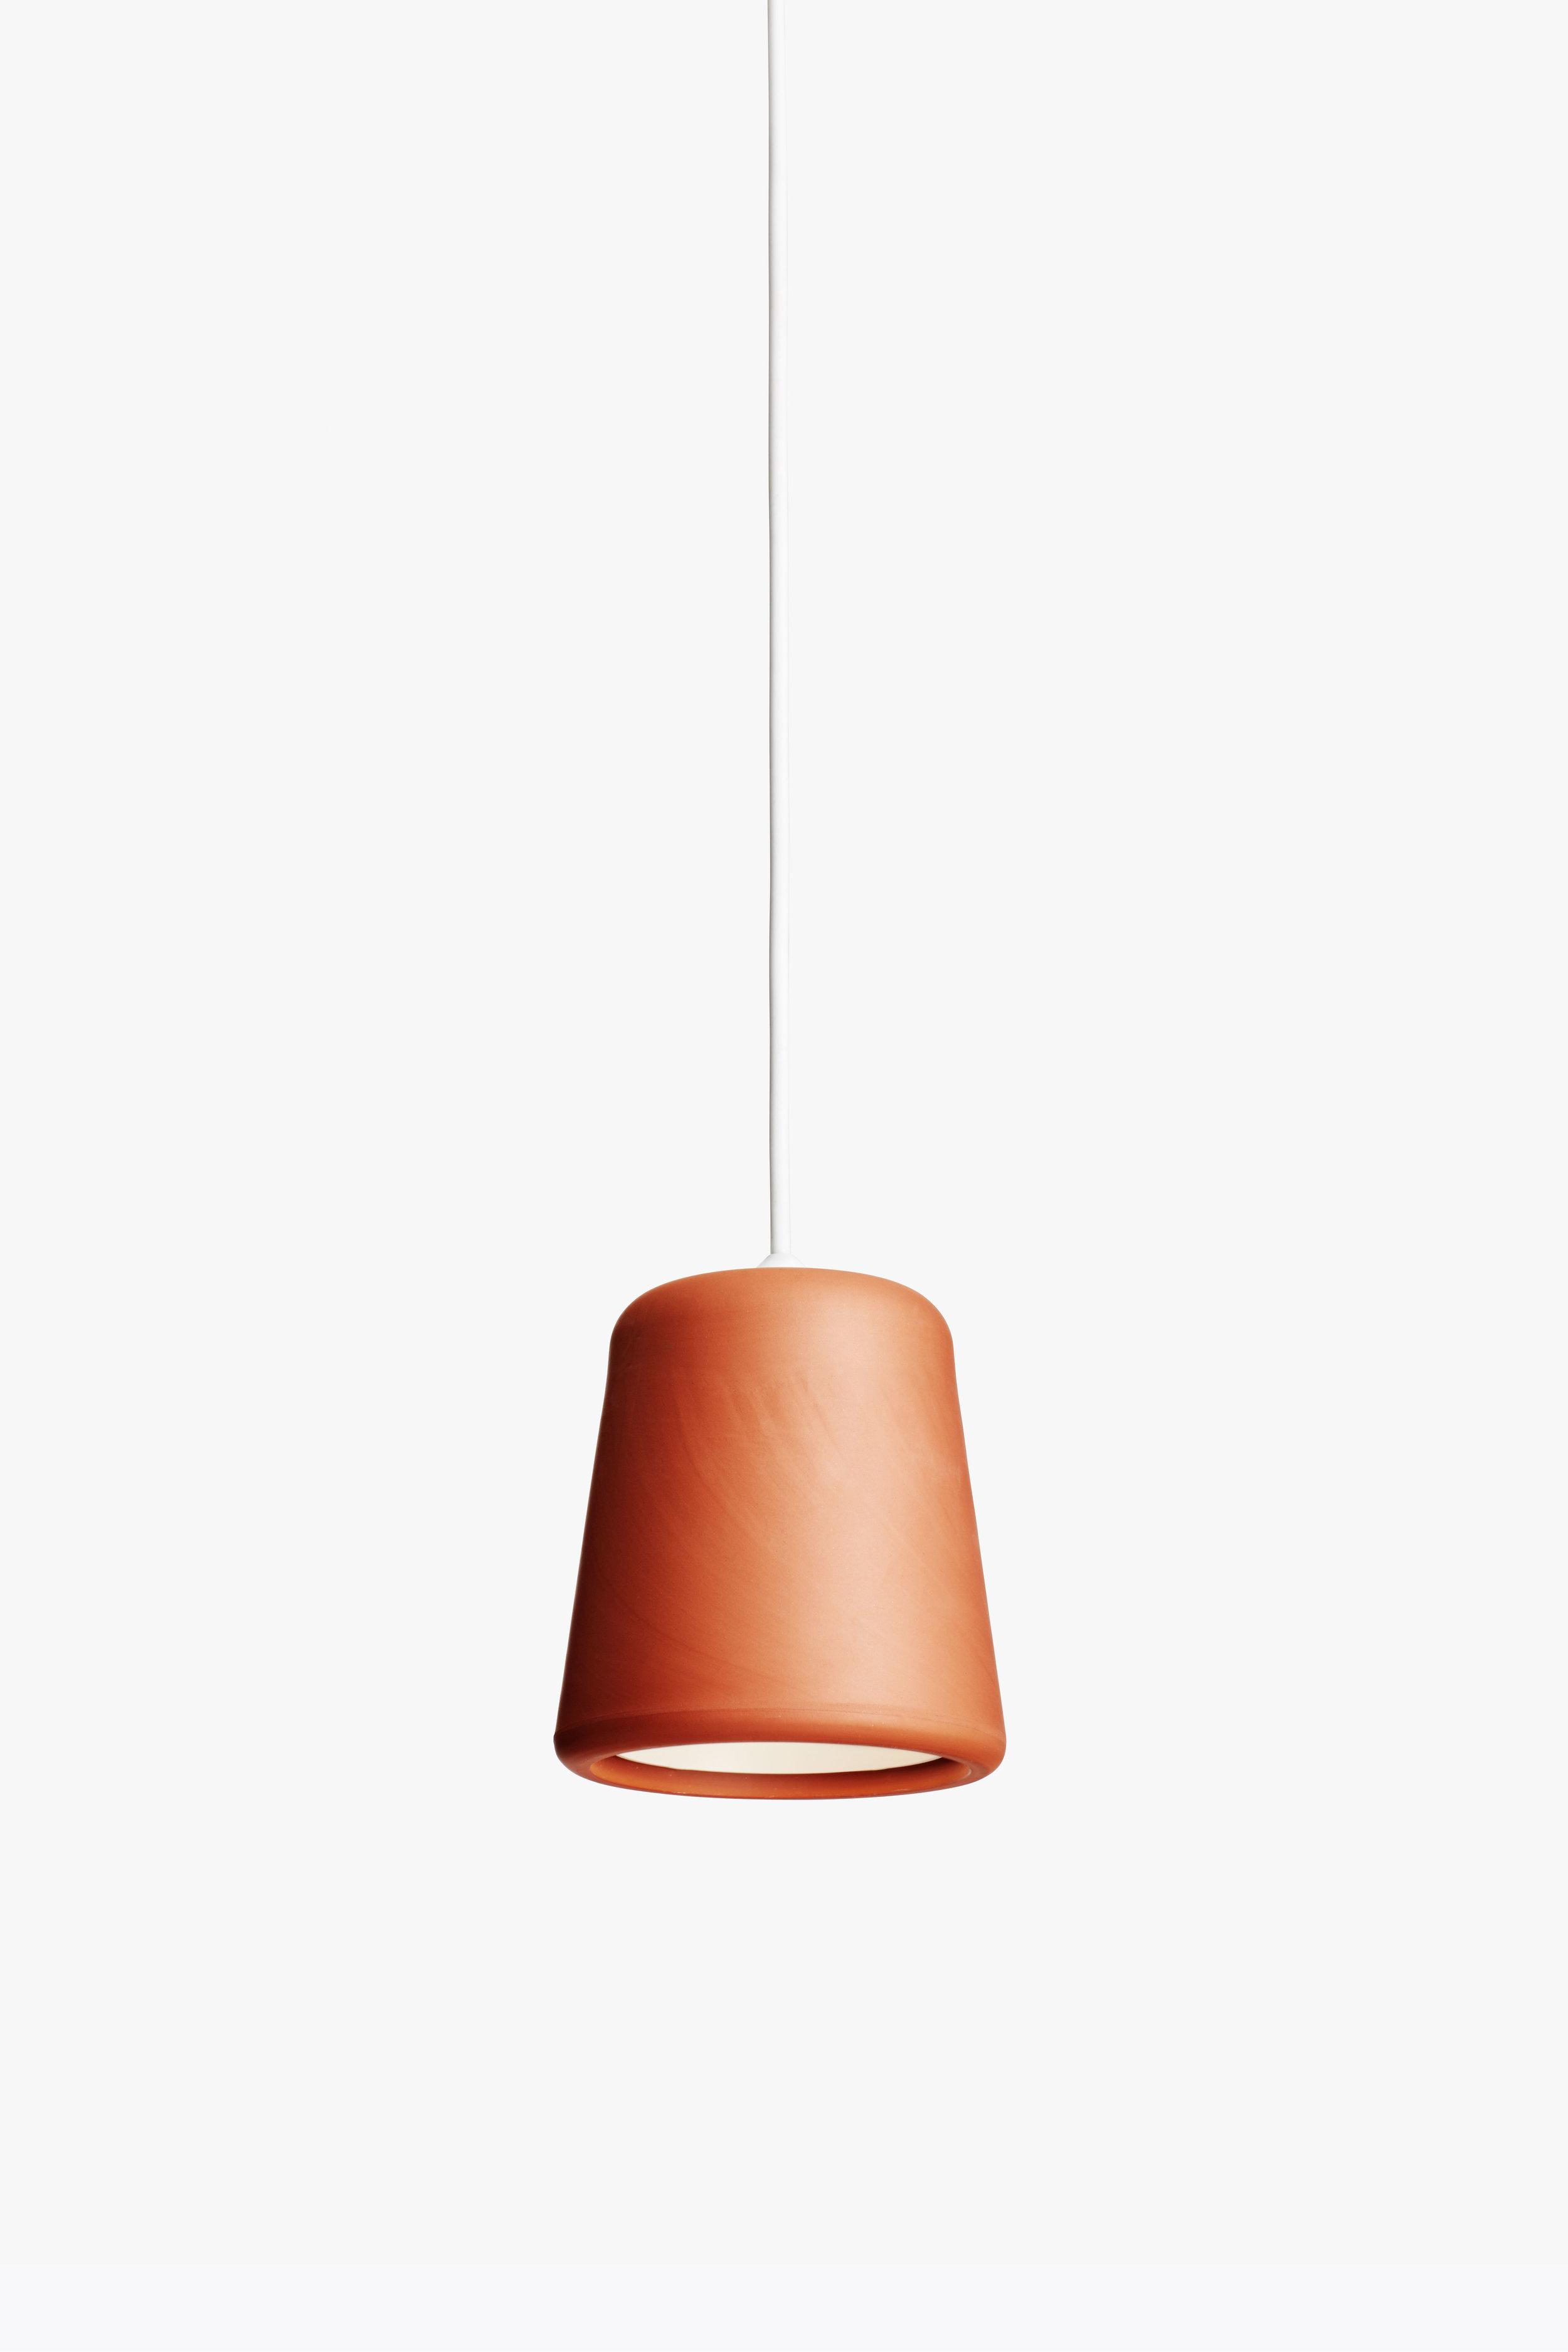 Material Pendant, Terracotta, New Works, High Res.jpg